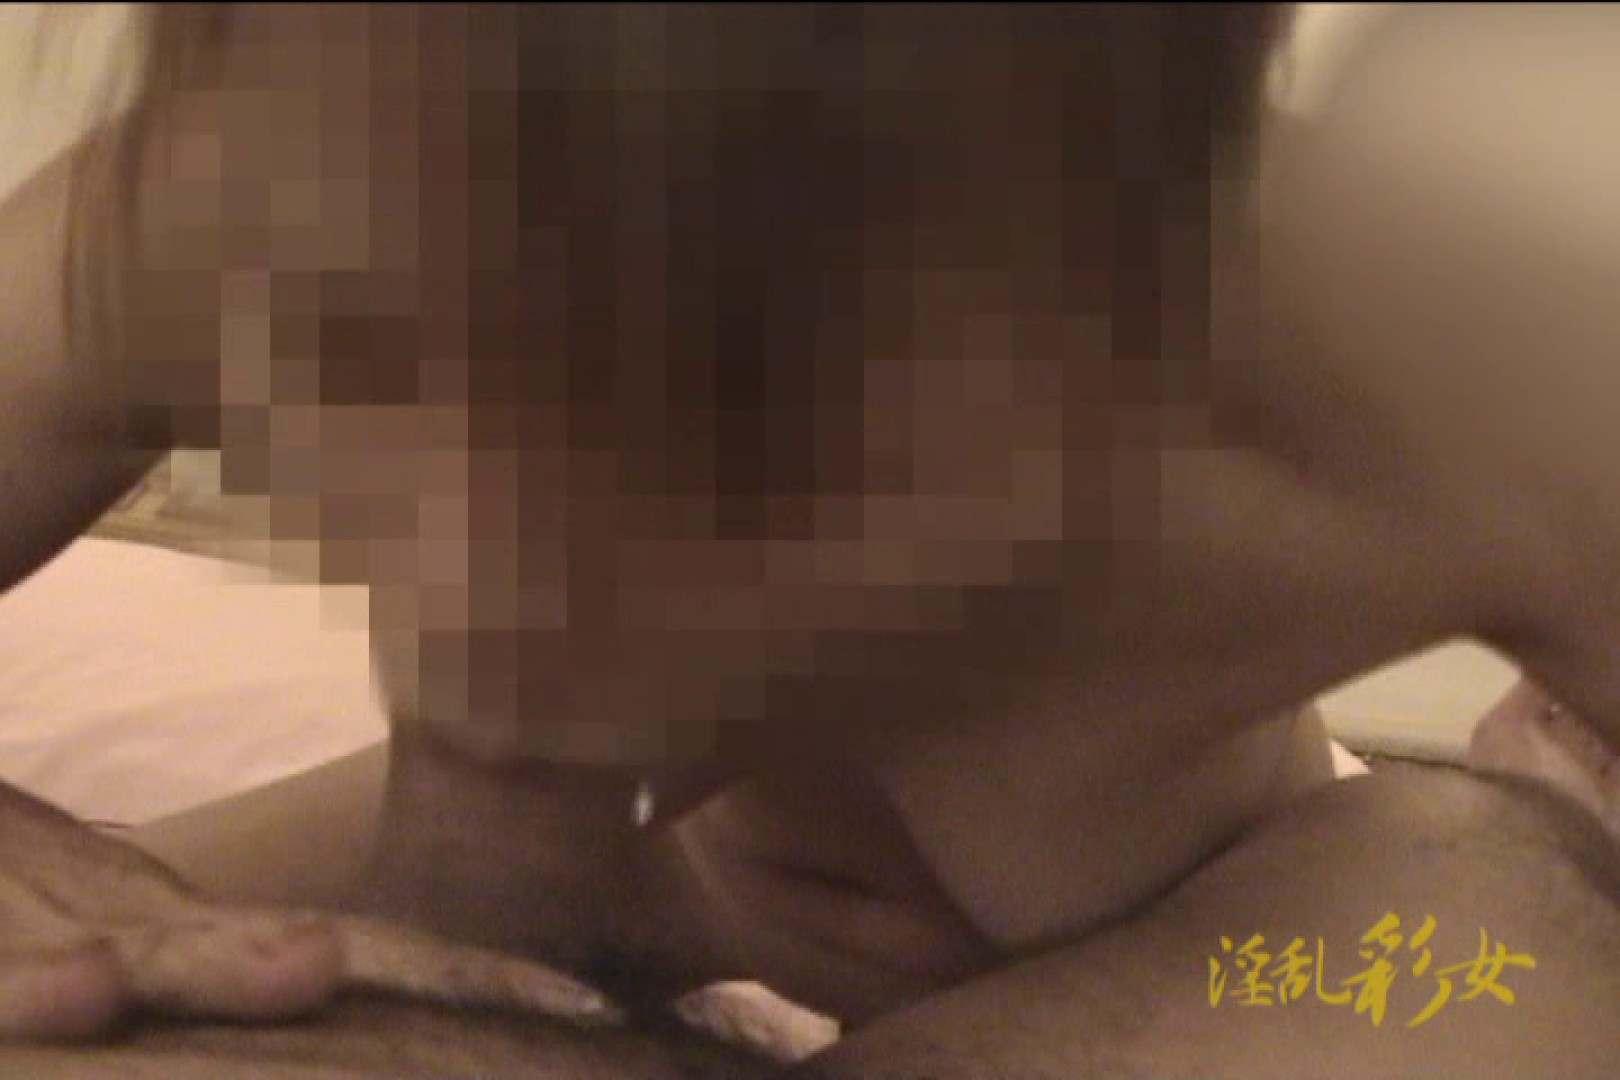 淫乱彩女 麻優里 オムニバスそして顔射 一般投稿  100pic 50